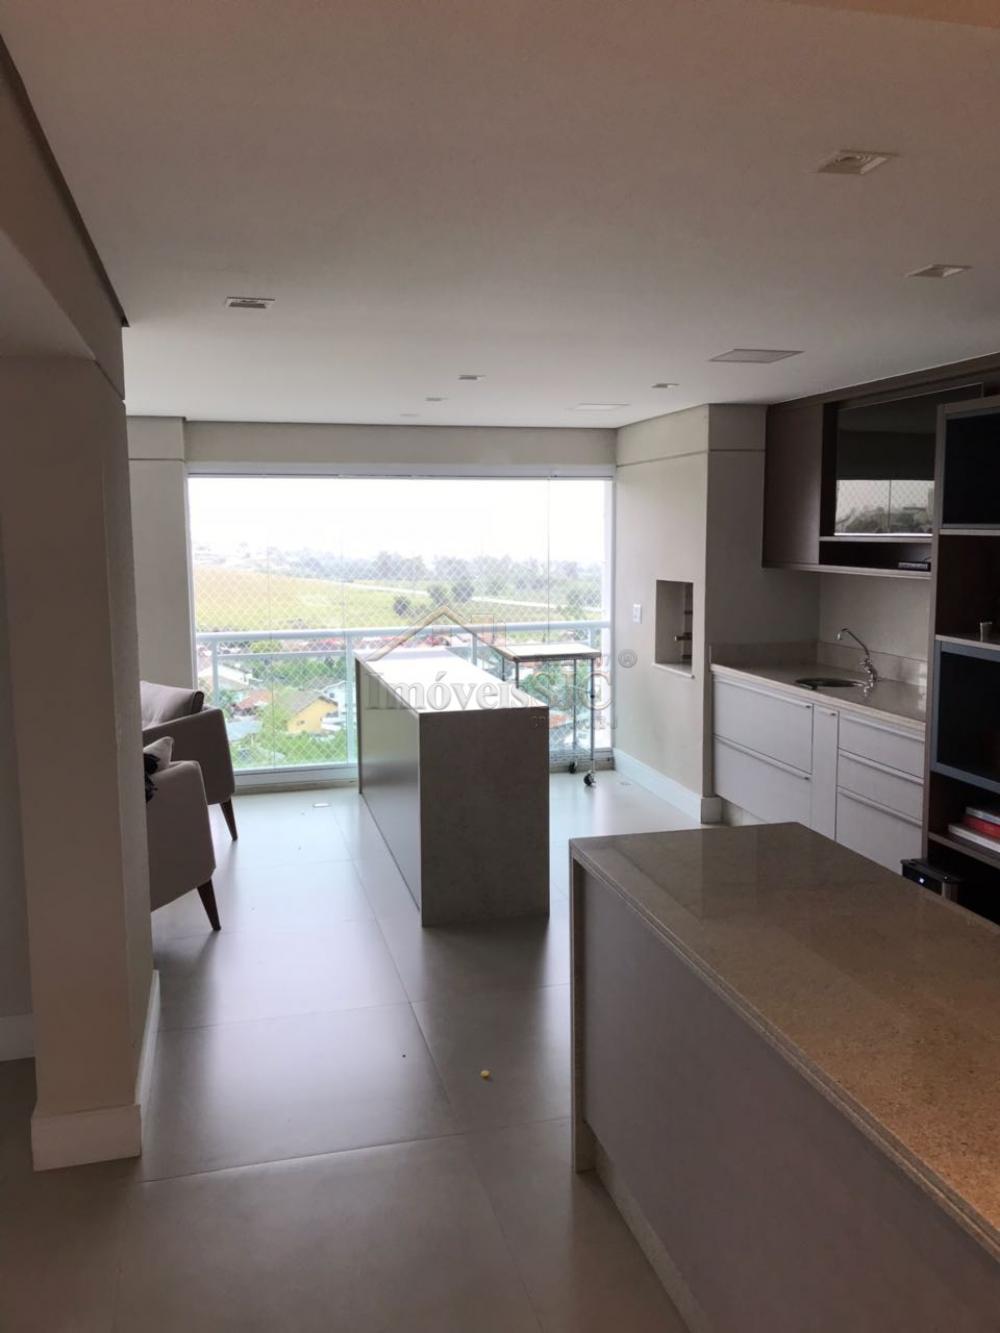 Comprar Apartamentos / Padrão em São José dos Campos apenas R$ 1.860.000,00 - Foto 3